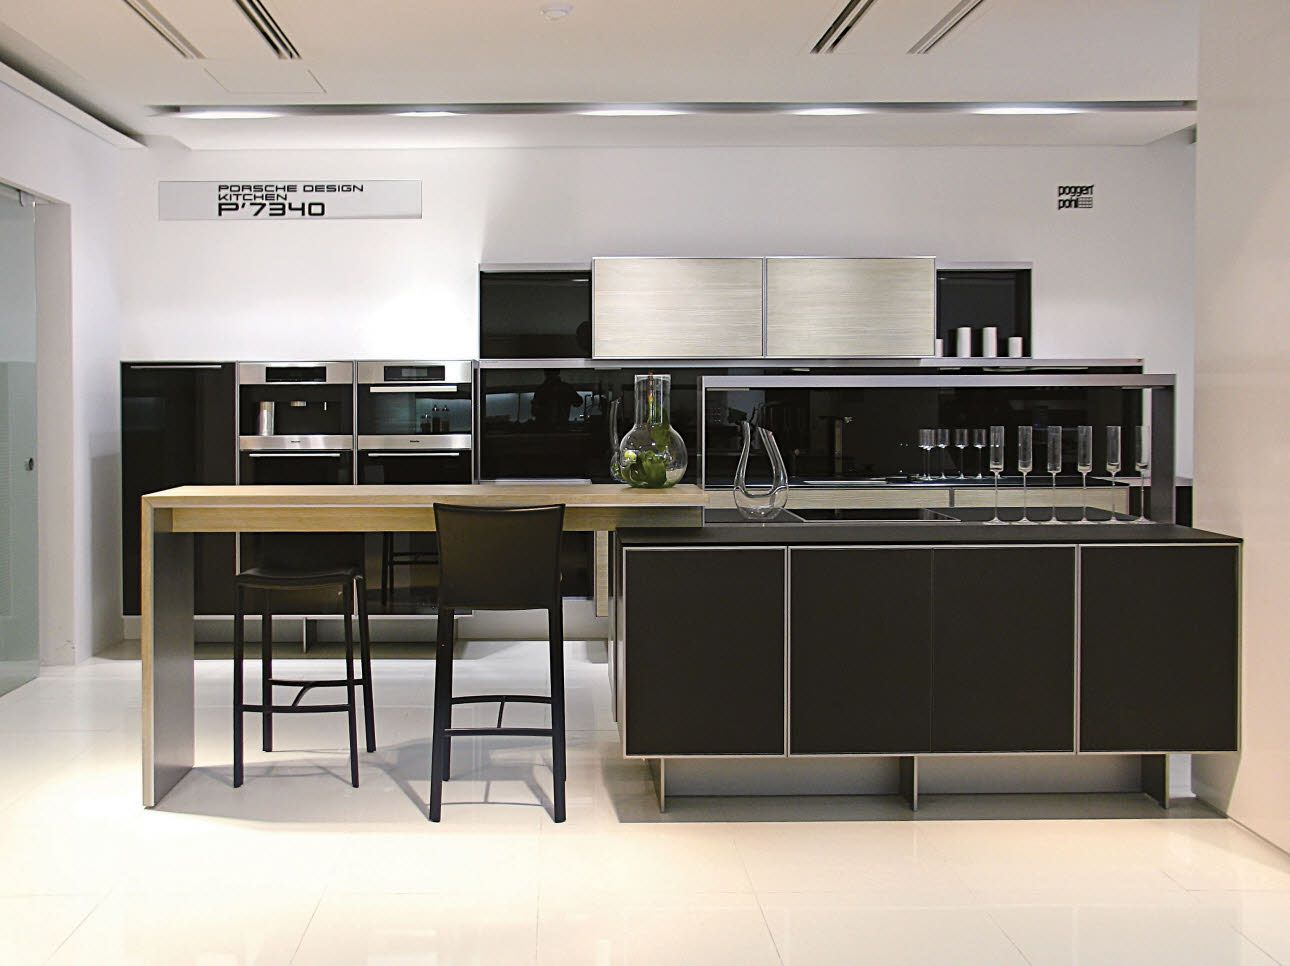 Porsche Design Kitchen at the new Poggenpohl South Korea showroom ...